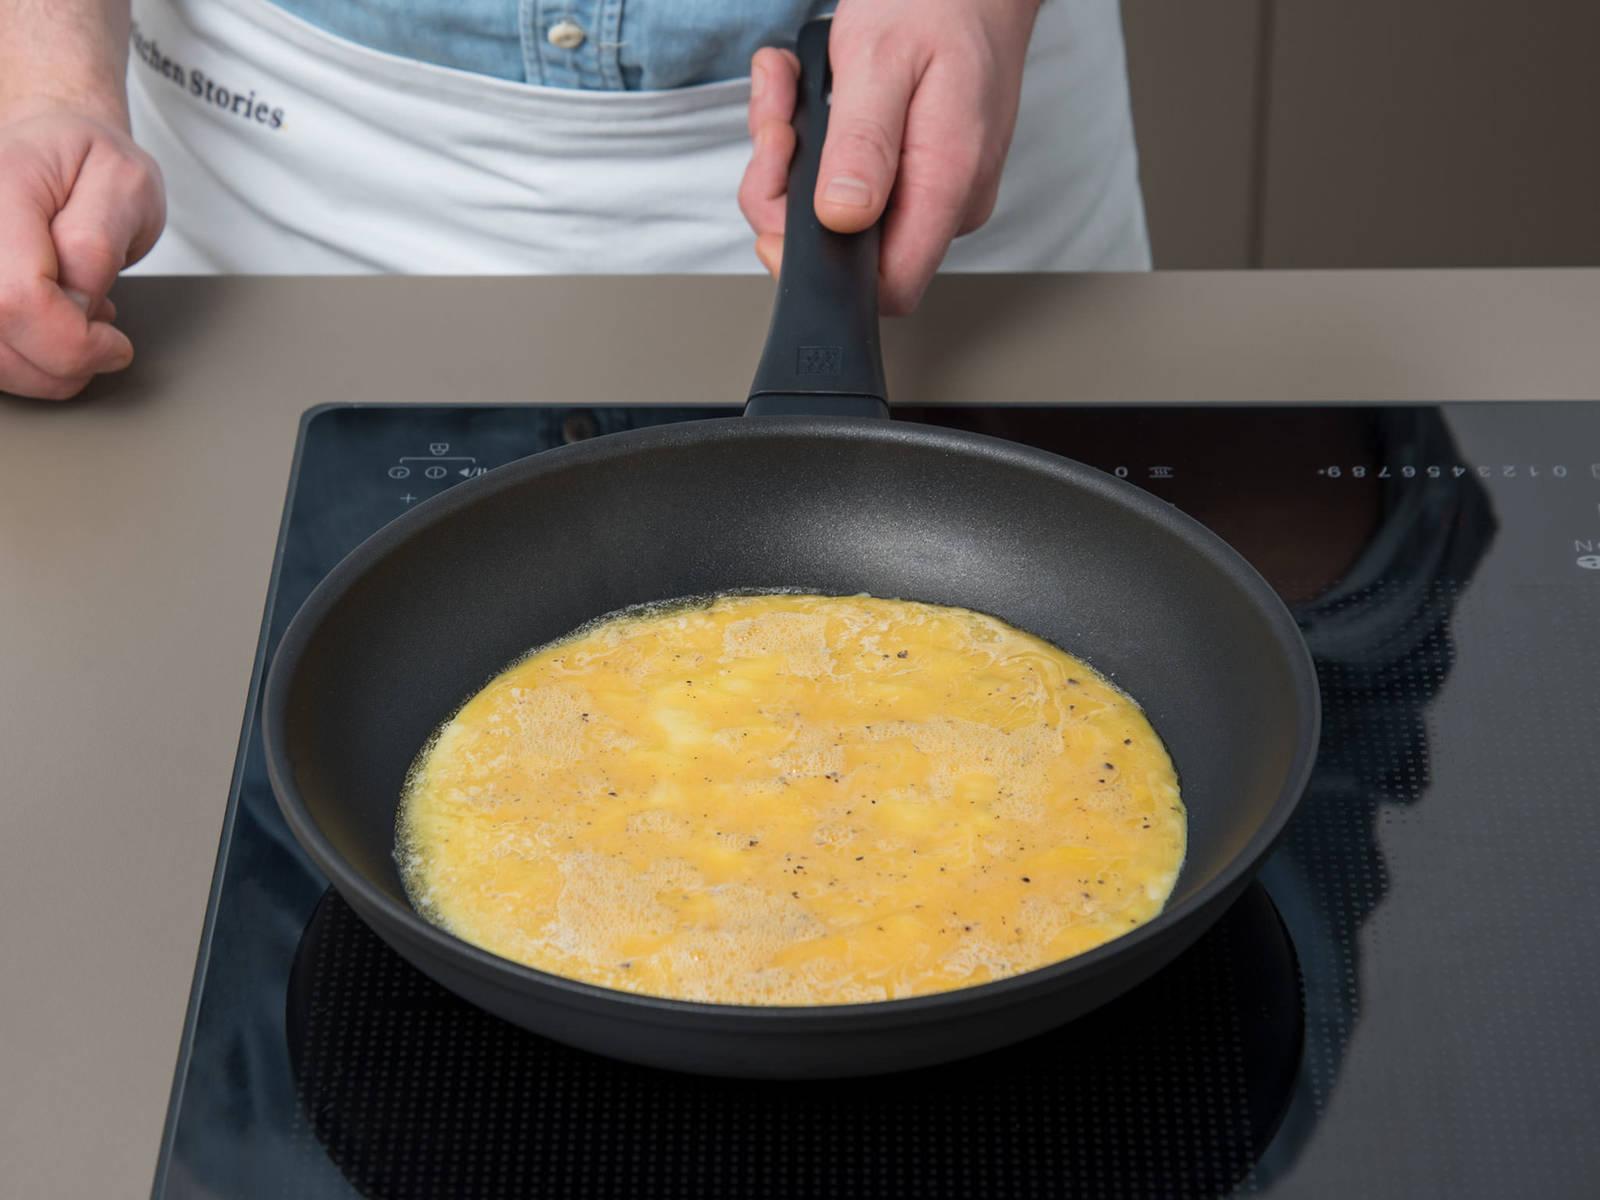 在一个不粘锅中,中火融化黄油。倒入鸡蛋和欧芹,小心地晃锅,让蛋液均匀铺在整个锅底。中低火煎3分钟,不时用硅胶刮刀将蛋饼边缘和煎锅分离开。